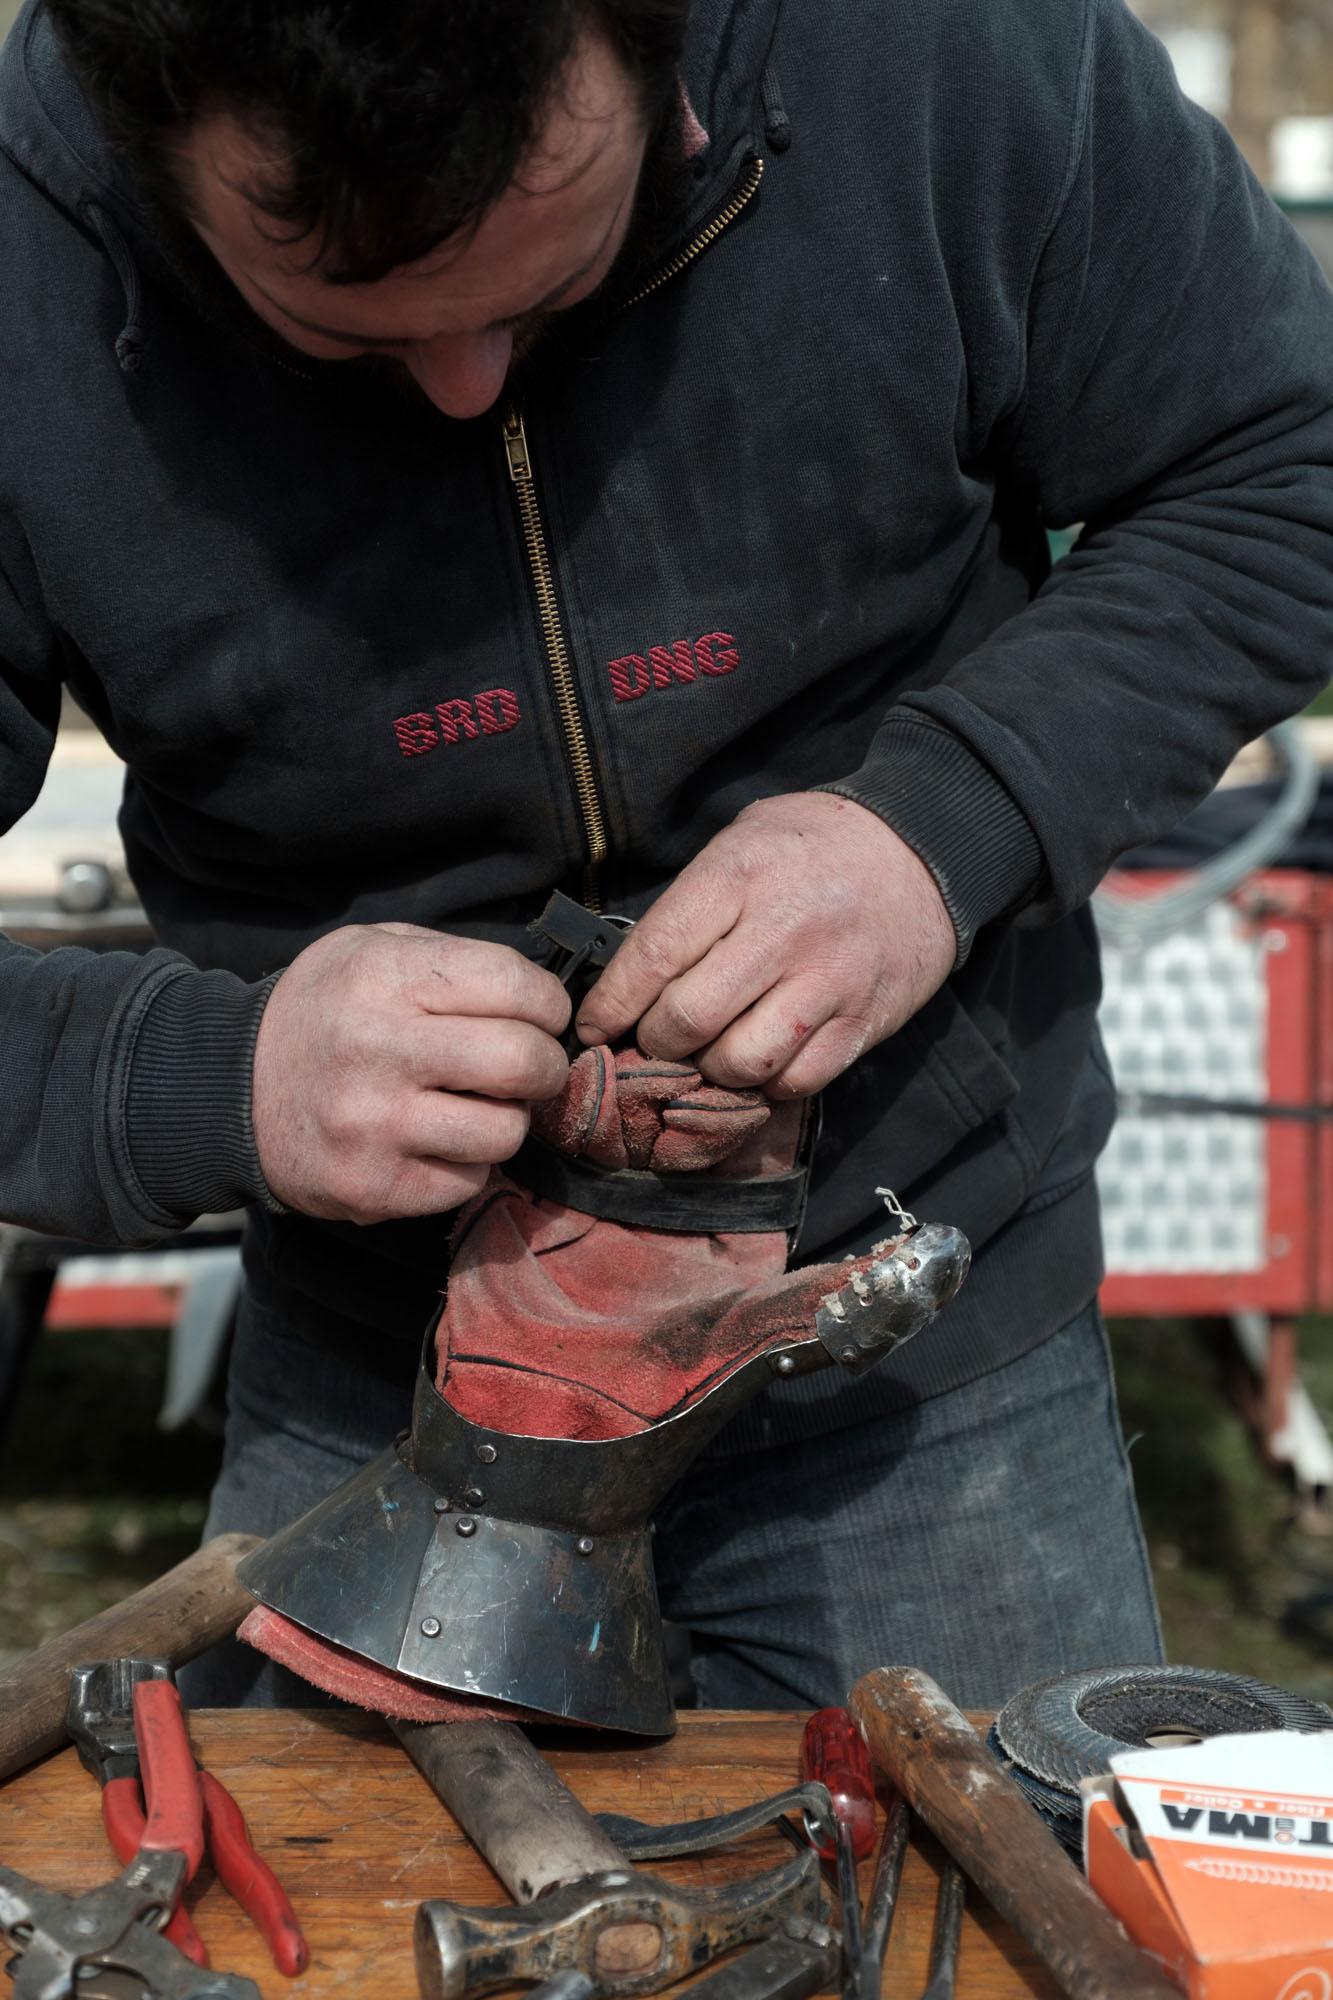 Un artisan répare une armure qui a été endommagée pendant un combat. Village médiévale de Saint Dizier pendant le championnat de France. Mars 2019.